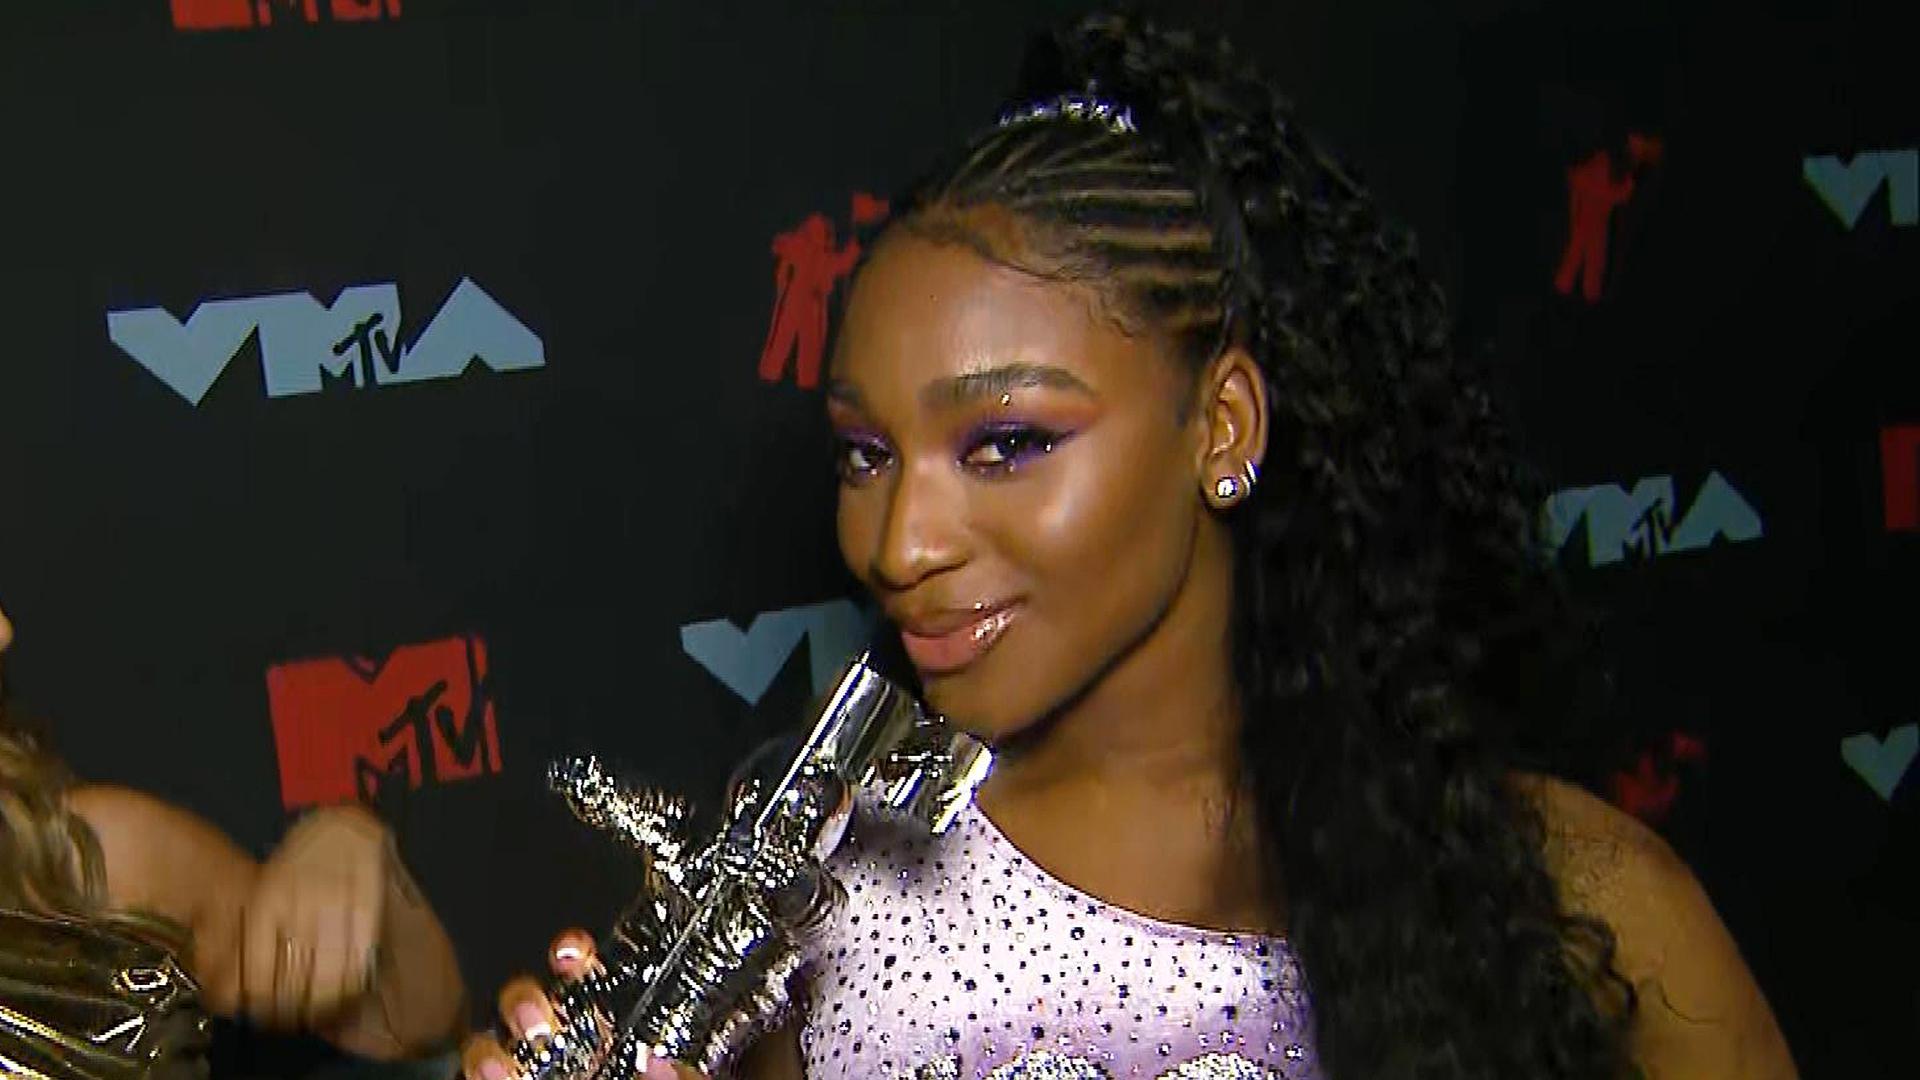 Image result for MTV VMAs 2019 winner Normani